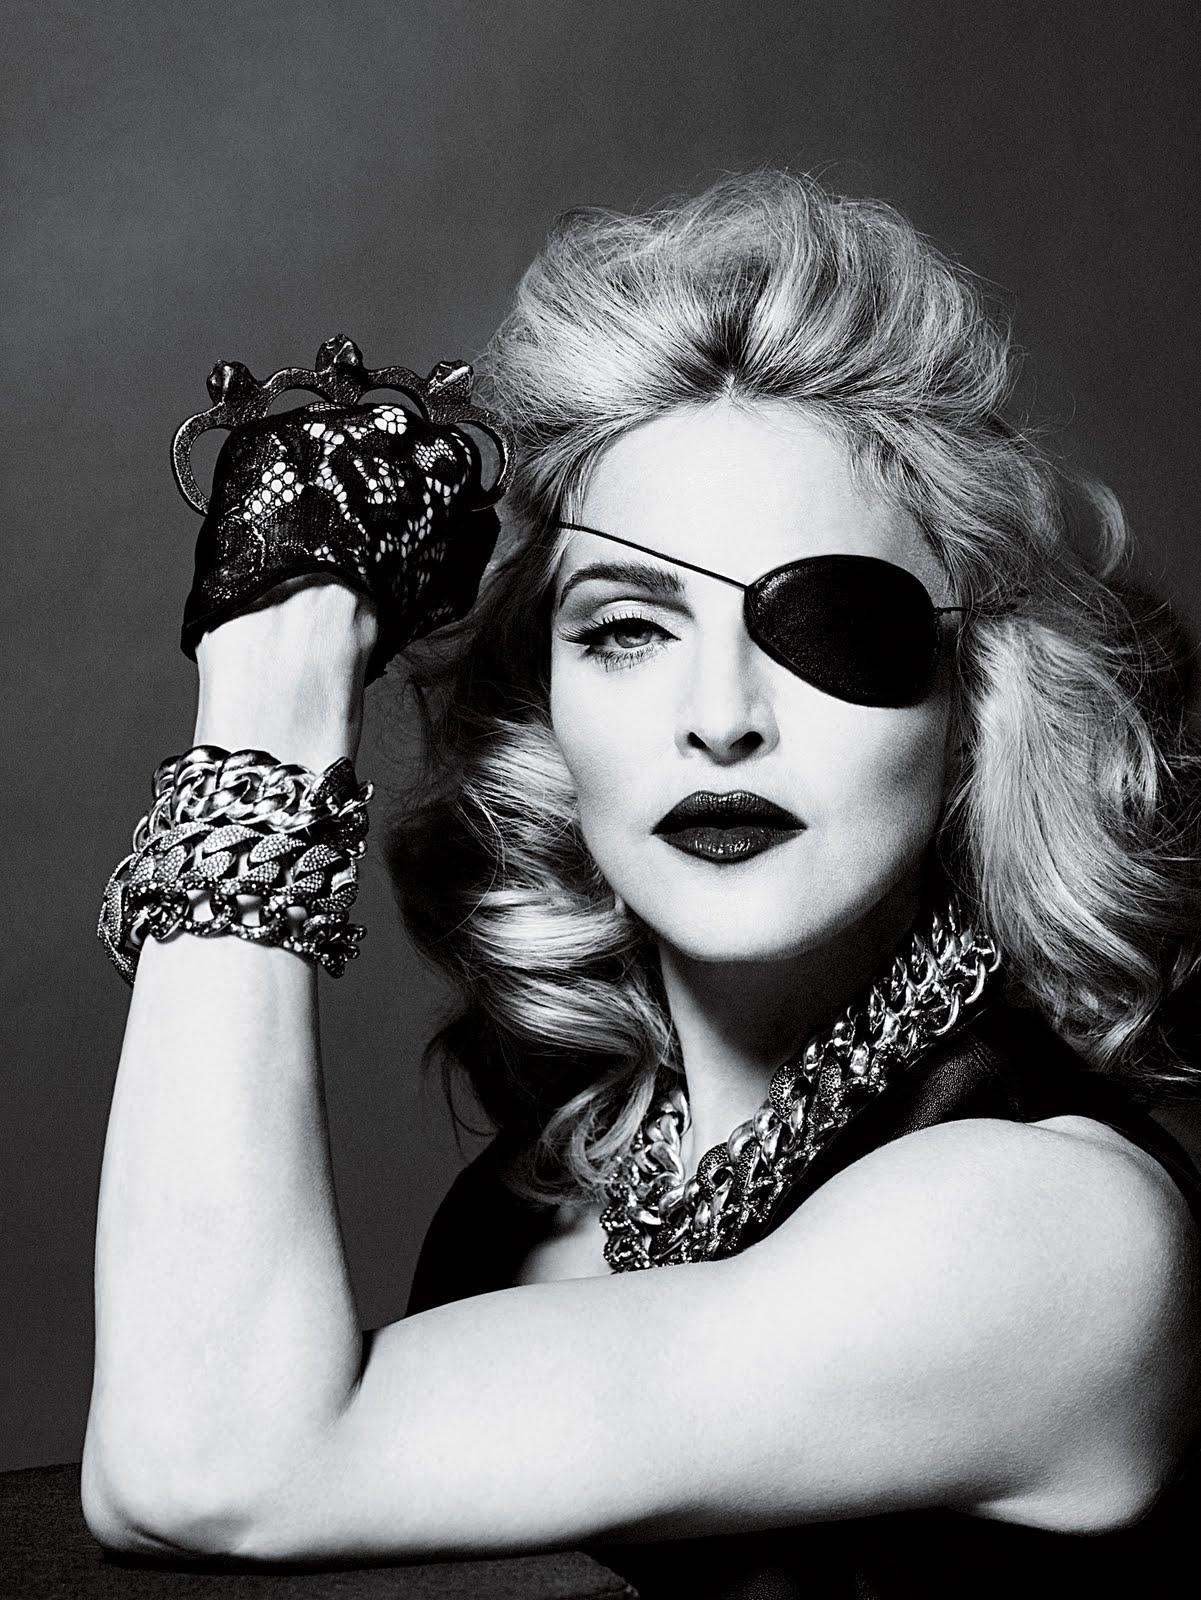 http://2.bp.blogspot.com/_HAMVS3O-oas/S98snunmxUI/AAAAAAAAD0E/pYd-PQmK2Js/s1600/2010+-+Madonna+by+Alas+%26+Piggott+for+Interview+-+14.jpg